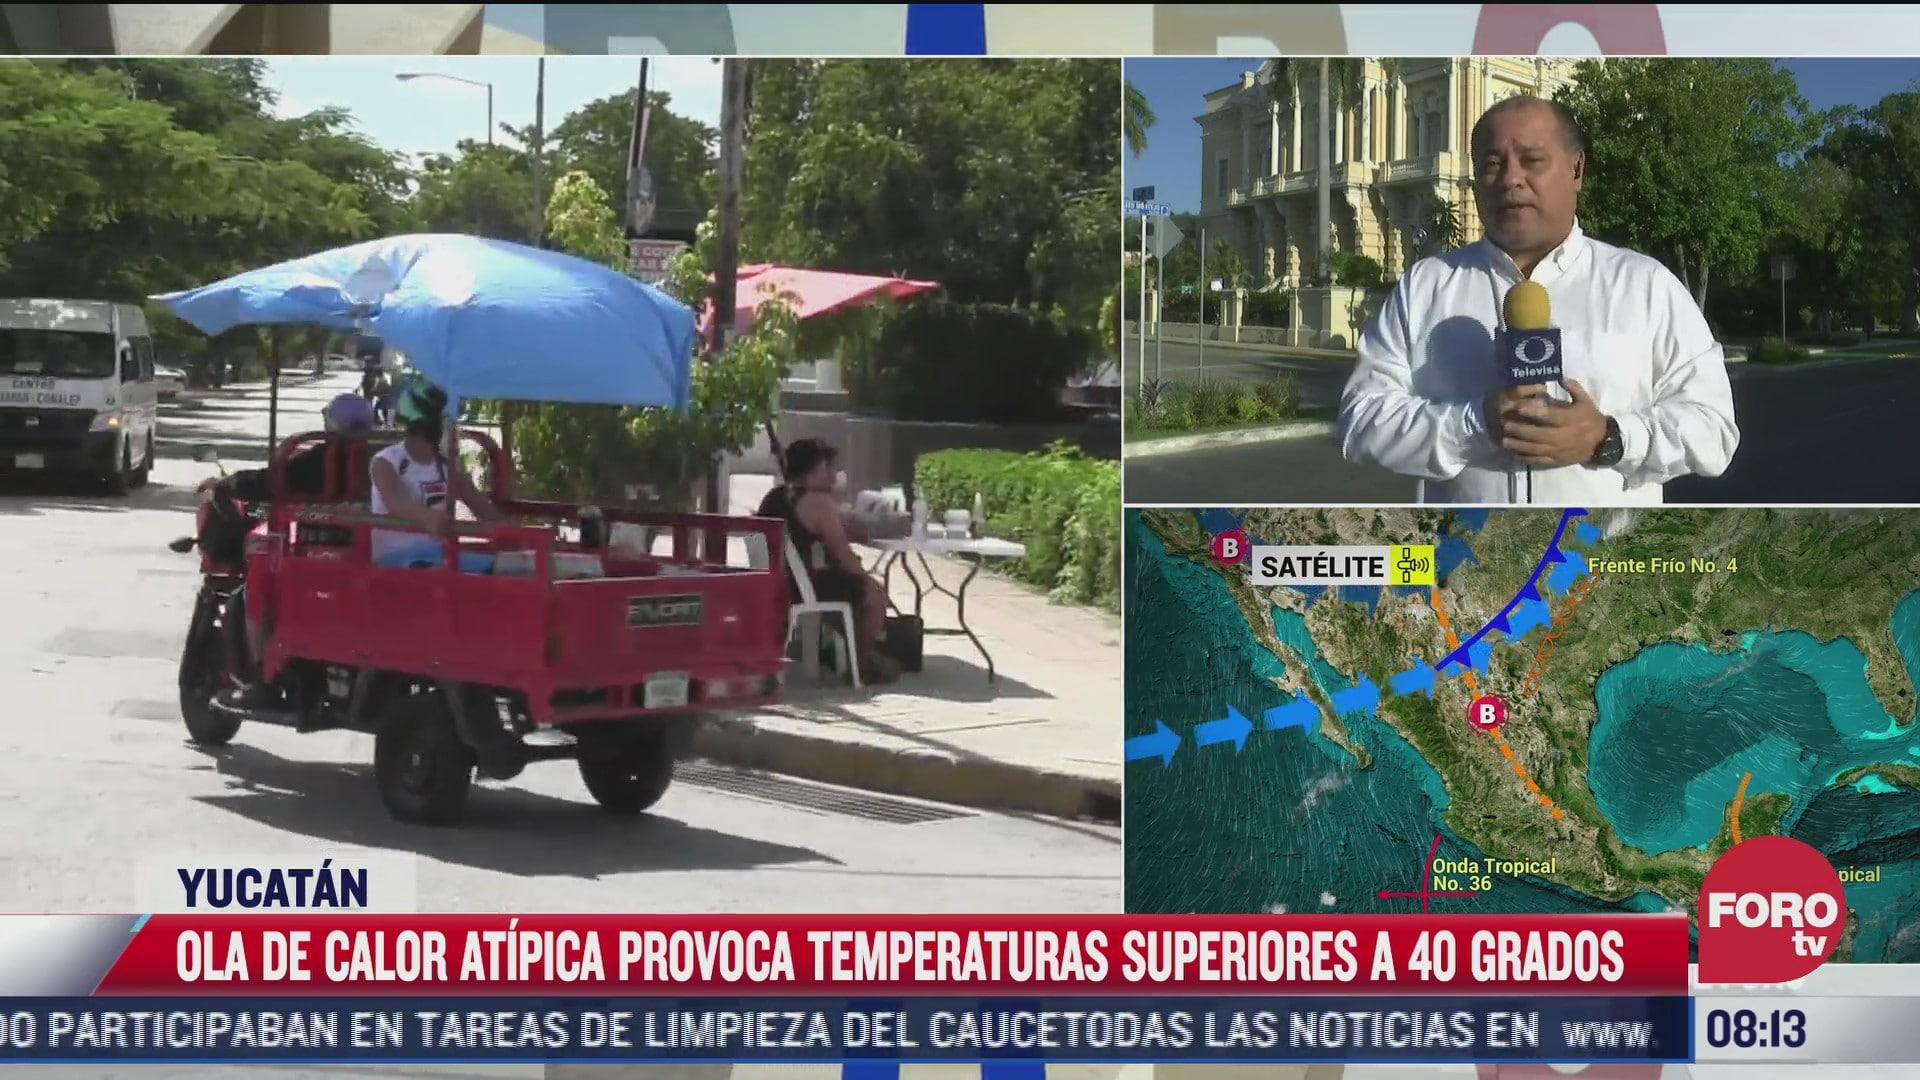 yucatan reporta temperaturas superiores a los 40 grados